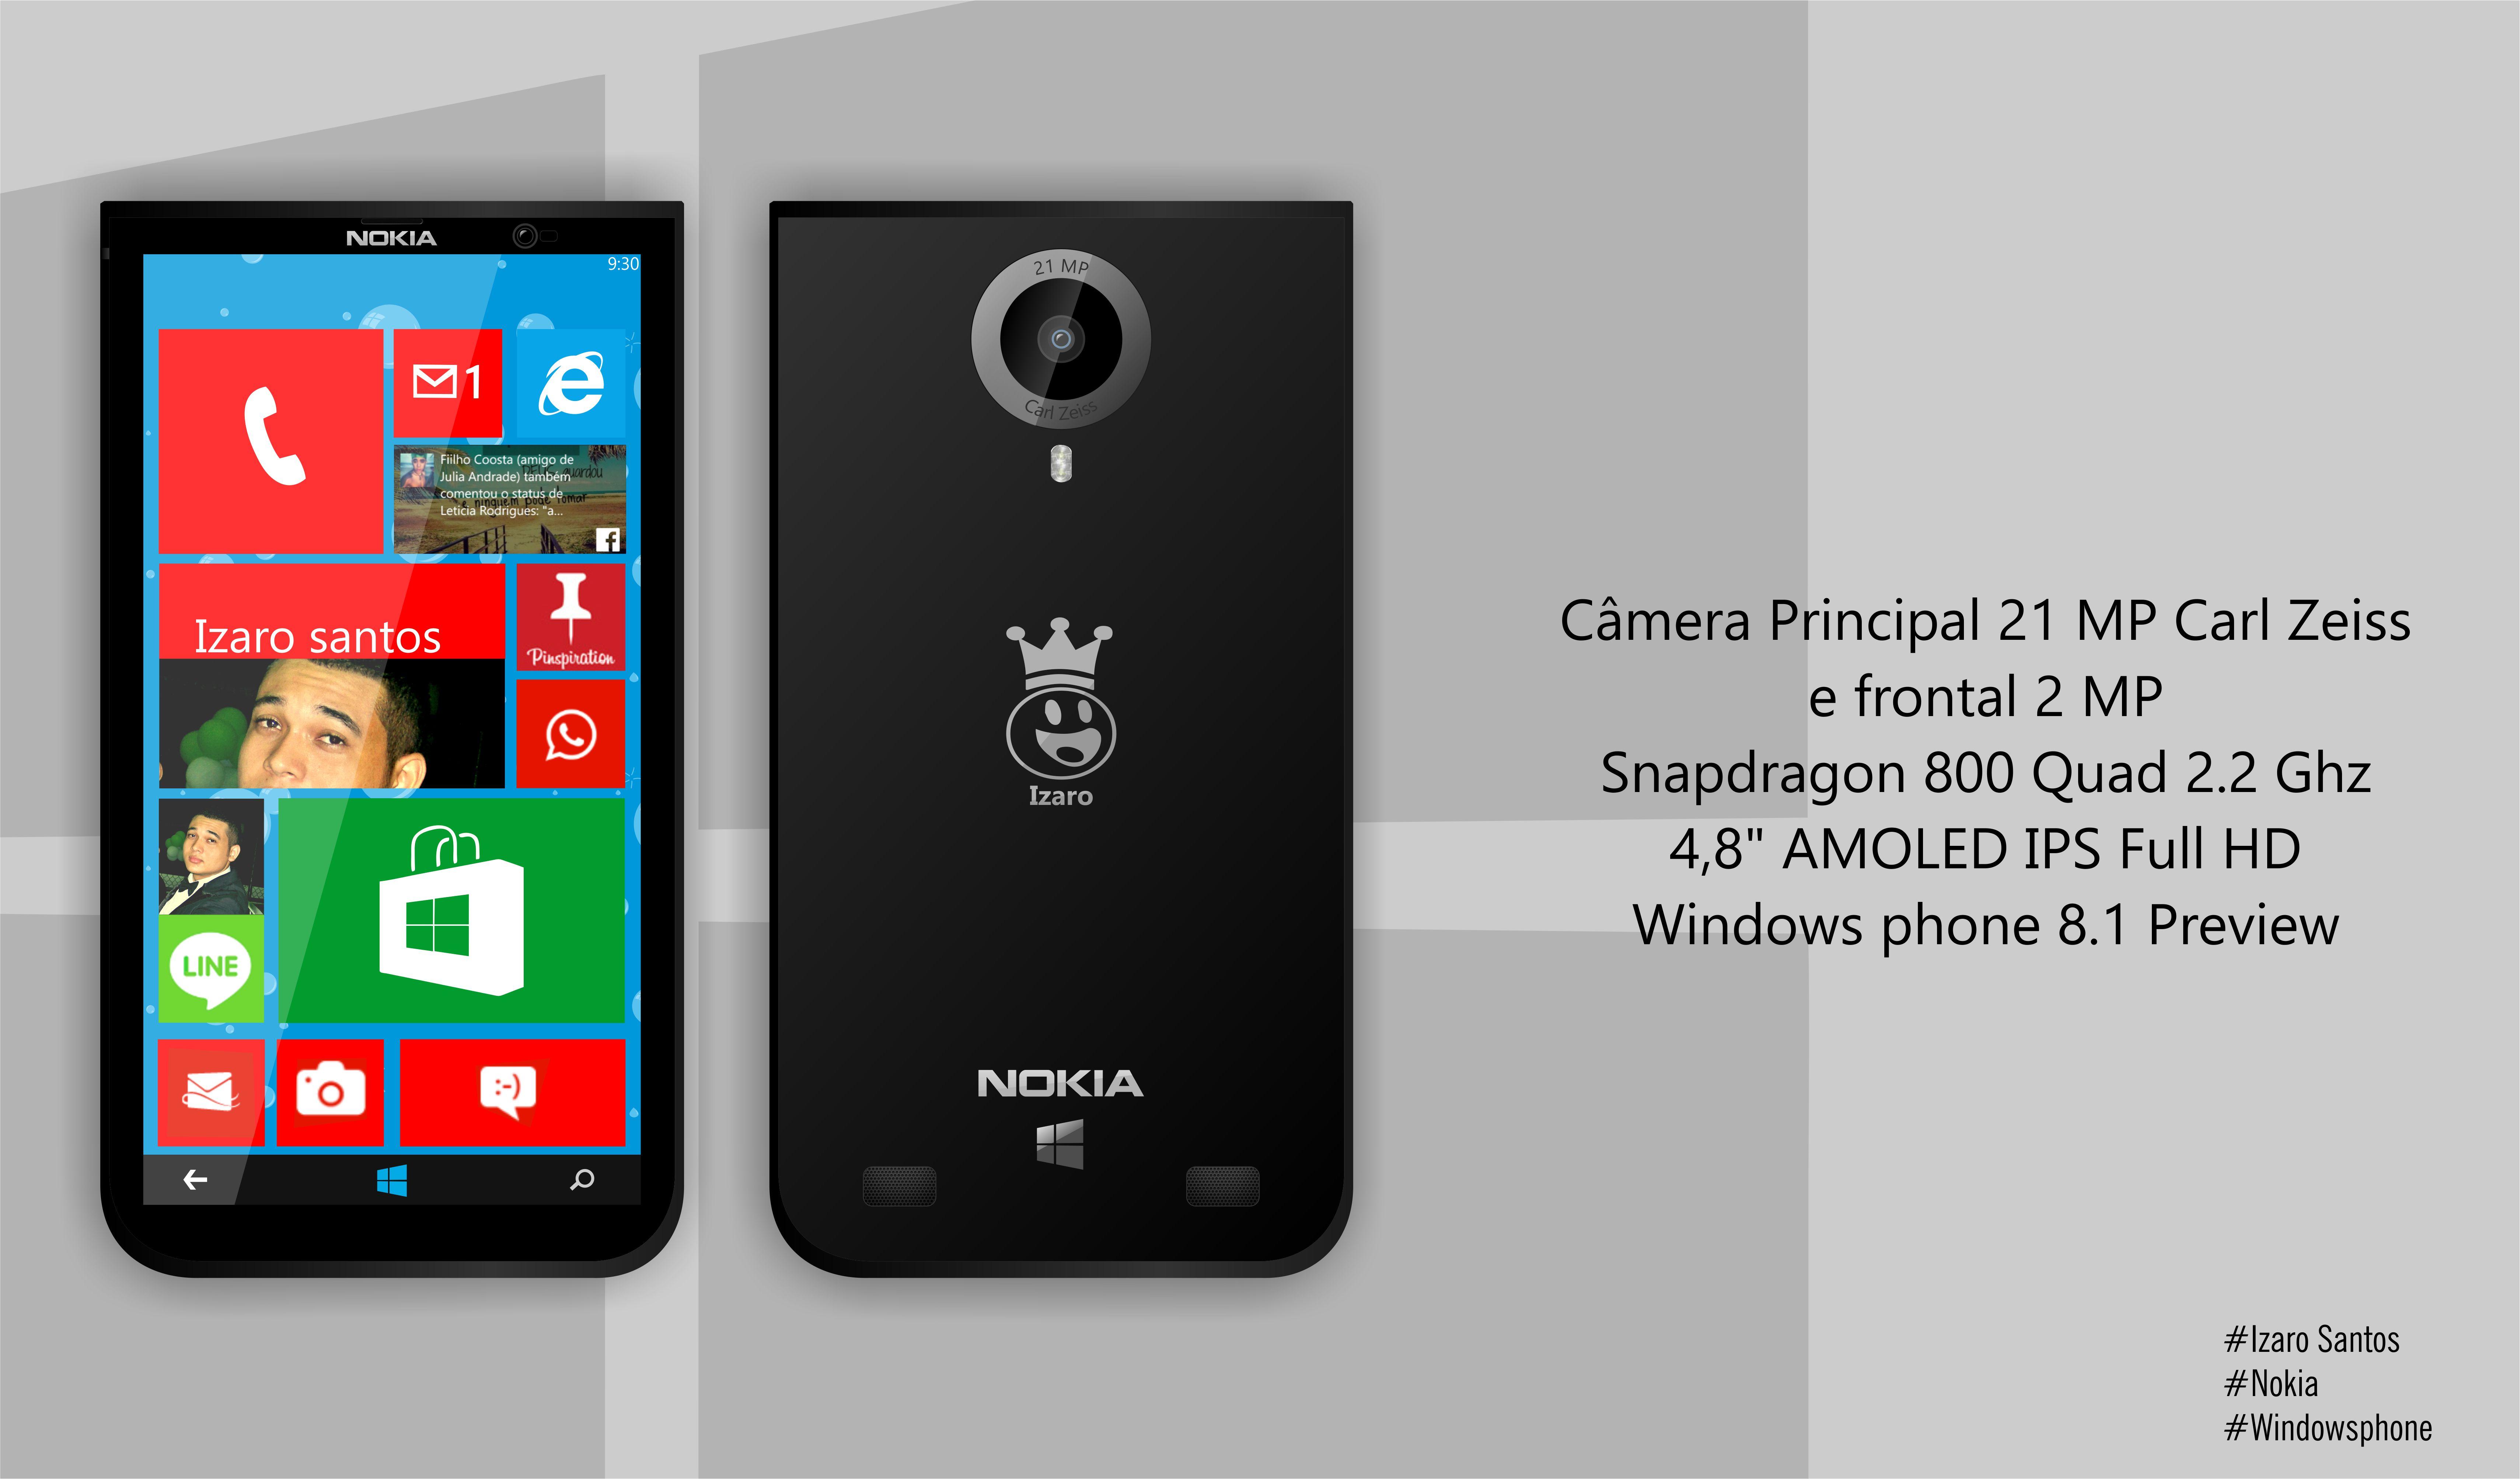 Nokia Martini, chiếc WP8.1 sắp được ra mắt có tên thương mại là Lumia 930? - 11548